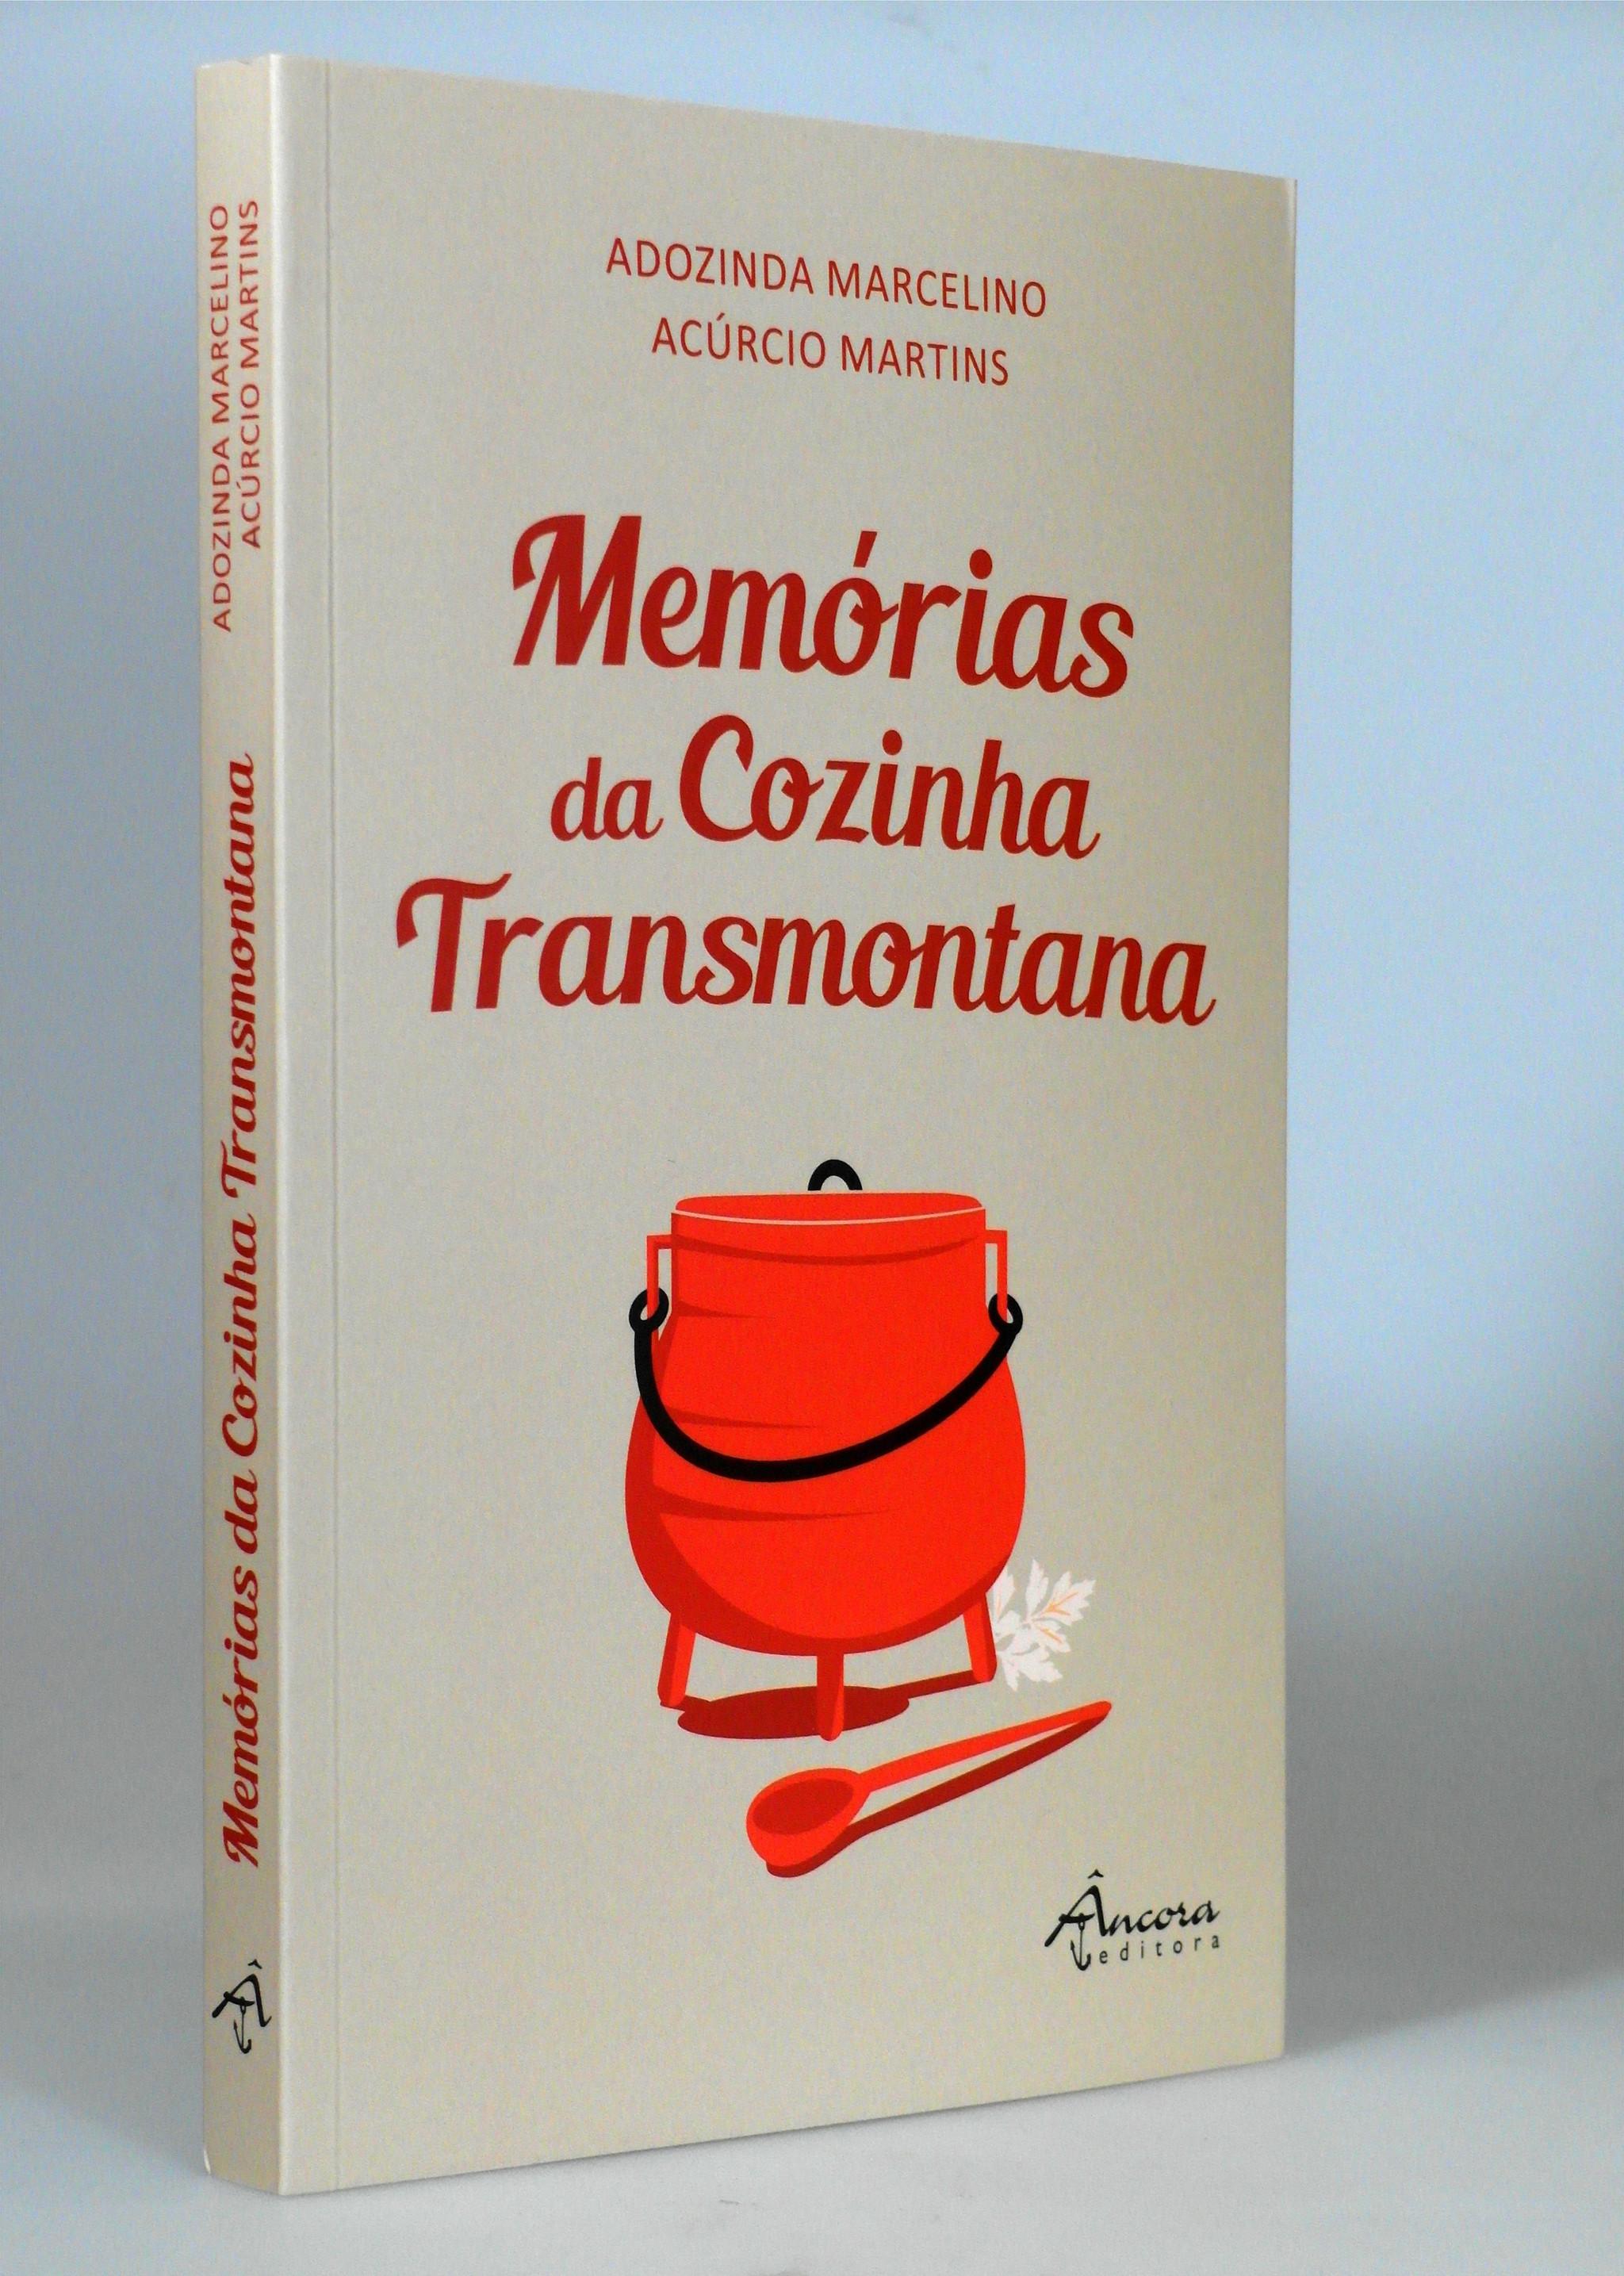 memorias da cozinha Transmontana 01.JPG